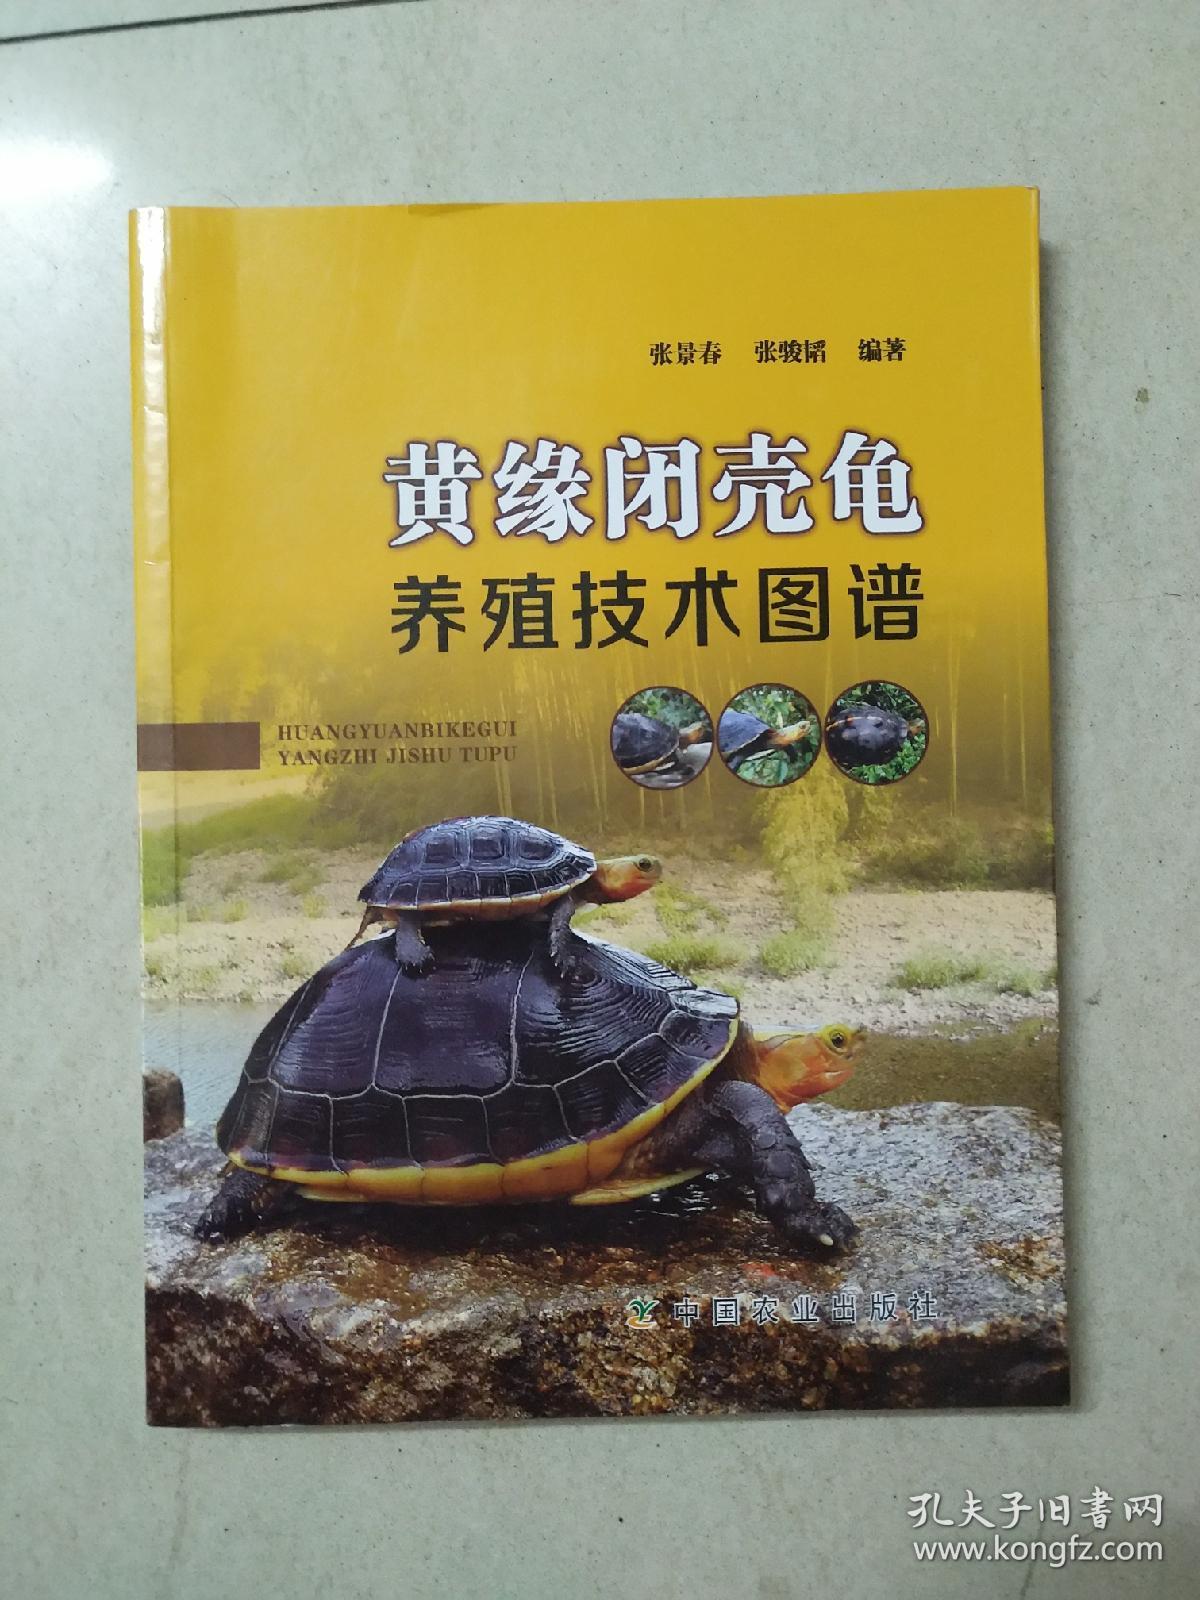 黄缘闭壳龟养殖技术图谱